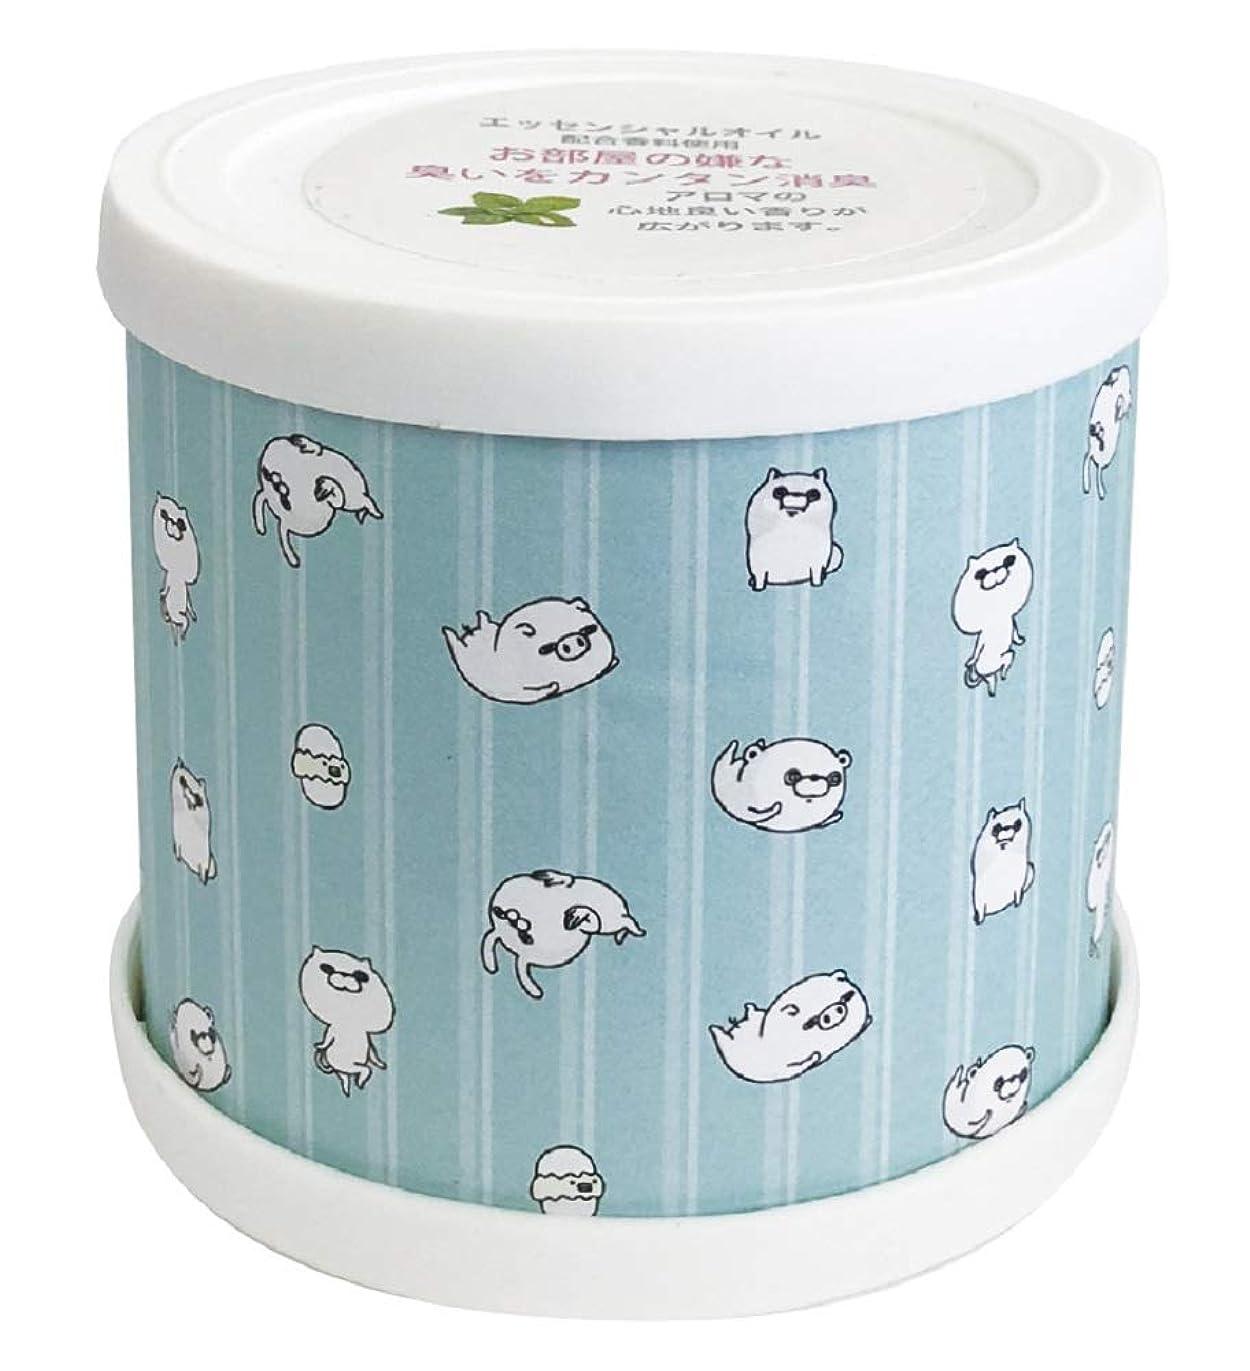 リファイン掃くその後ヨッシースタンプ フレグランスジェル パターン青 置き型 消臭成分配合 グリーンティーの香り ABD-021-001